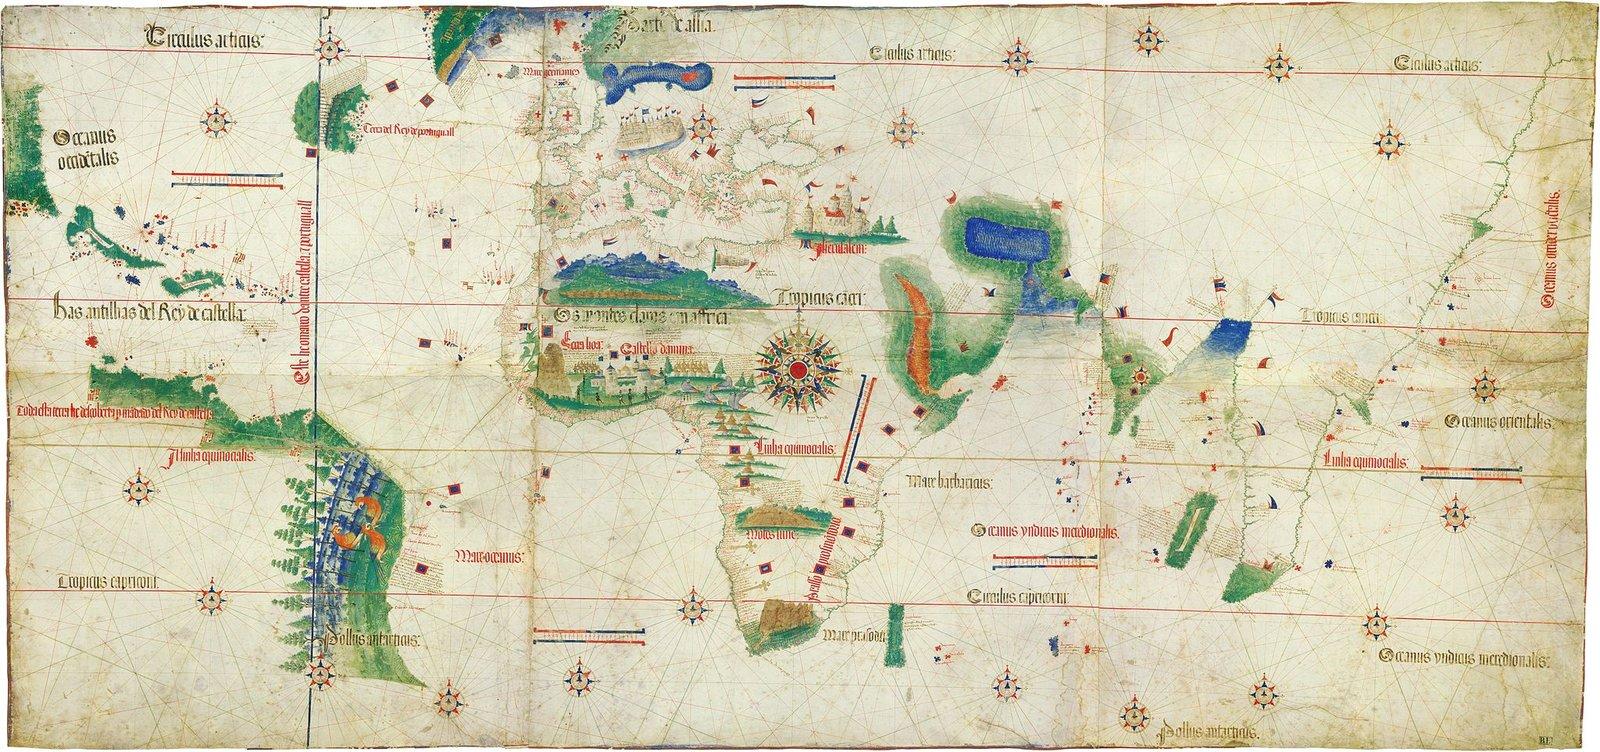 Mapa portugalska z1502 r. zlinią wyznaczoną przez traktat wTordesilas Mapa portugalska z1502 r. zlinią wyznaczoną przez traktat wTordesilas Źródło: 1502, Biblioteca Estense Universitaria, Modena, Italy, domena publiczna.